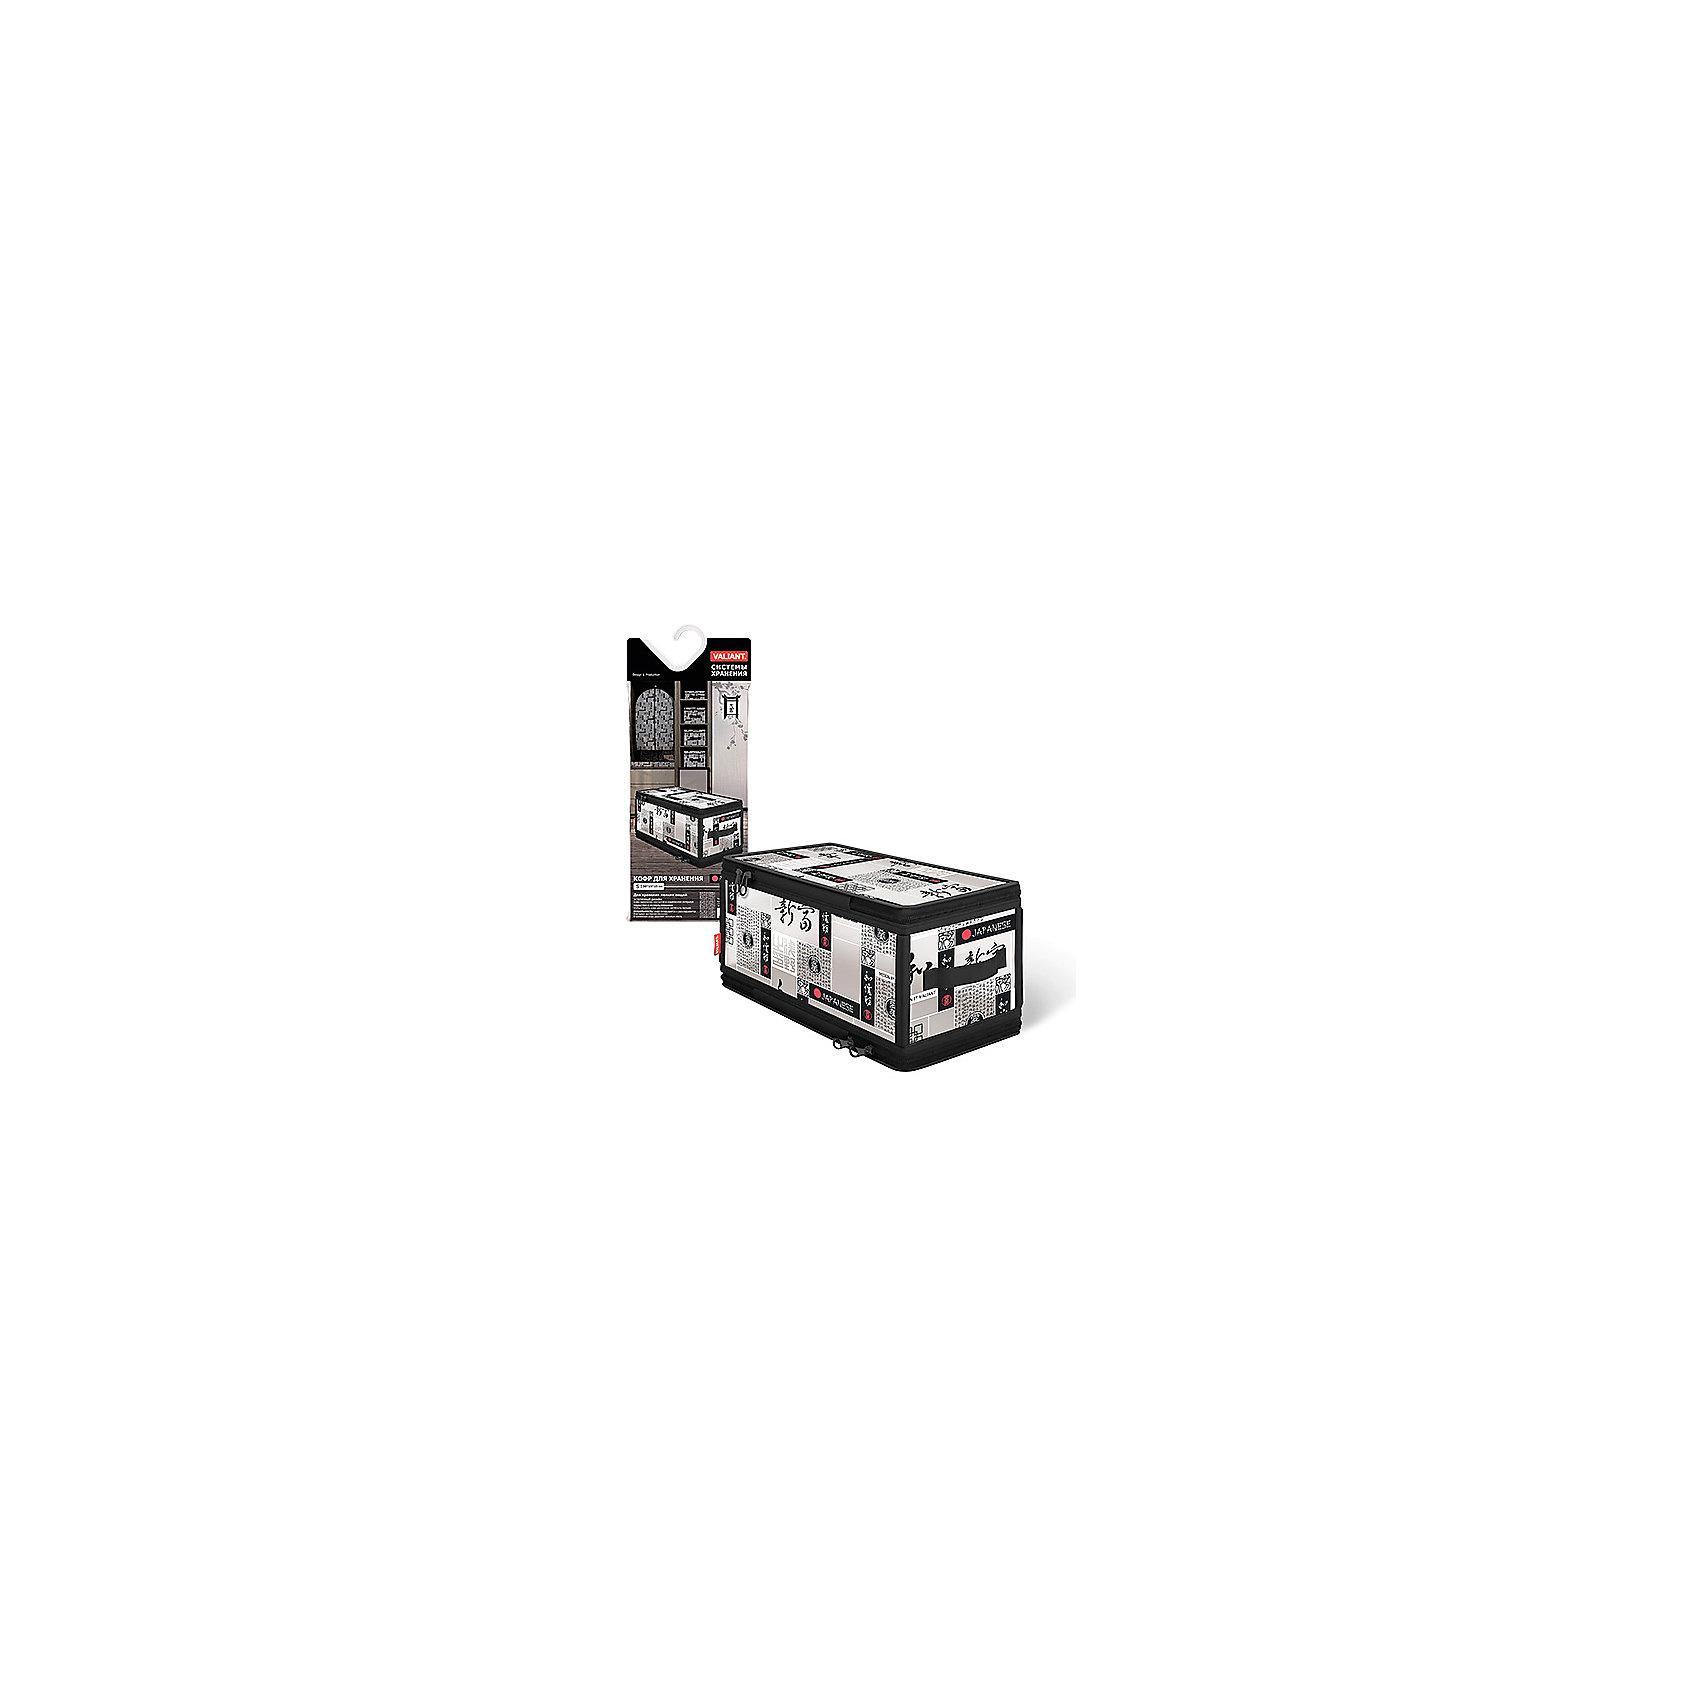 Кофр для хранения с застёжкой-молнией, 30*15*15 см, JAPANESE BLACK, ValiantКофр для хранения с застёжкой-молнией, 30*15*15 см, JAPANESE BLACK, Valiant (Валиант) – это функциональный аксессуар для хранения вещей.<br>Кофр для хранения JAPANESE BLACK от Valiant (Валиант) изготовлен из высококачественного полупрозрачного пластика. Кофр легко складывается и раскладывается благодаря застежкам-молниям, в сложенном виде занимает минимум места. В таком кофре удобно хранить белье и аксессуары. Наличие ручки позволяет удобно размещать кофр на полке. Кофр для хранения JAPANESE BLACK от Valiant (Валиант) гармонично смотрится в гардеробе. Лаконичный и сдержанный дизайн, напоминающий характер самурая, разработан специально для тех, кто предпочитает строгие линии и неяркие практичные цвета. В принте использованы японские иероглифы богатство, удача, благодеяние, гармония, мир и согласие.<br><br>Дополнительная информация:<br><br>- Размер: 30х15х15 см.<br>- Материал: пластик<br>- Цвет: серый, черный<br><br>Кофр для хранения с застёжкой-молнией, 30*15*15 см, JAPANESE BLACK, Valiant (Валиант) можно купить в нашем интернет-магазине.<br><br>Ширина мм: 160<br>Глубина мм: 10<br>Высота мм: 400<br>Вес г: 172<br>Возраст от месяцев: 36<br>Возраст до месяцев: 1080<br>Пол: Унисекс<br>Возраст: Детский<br>SKU: 4993447